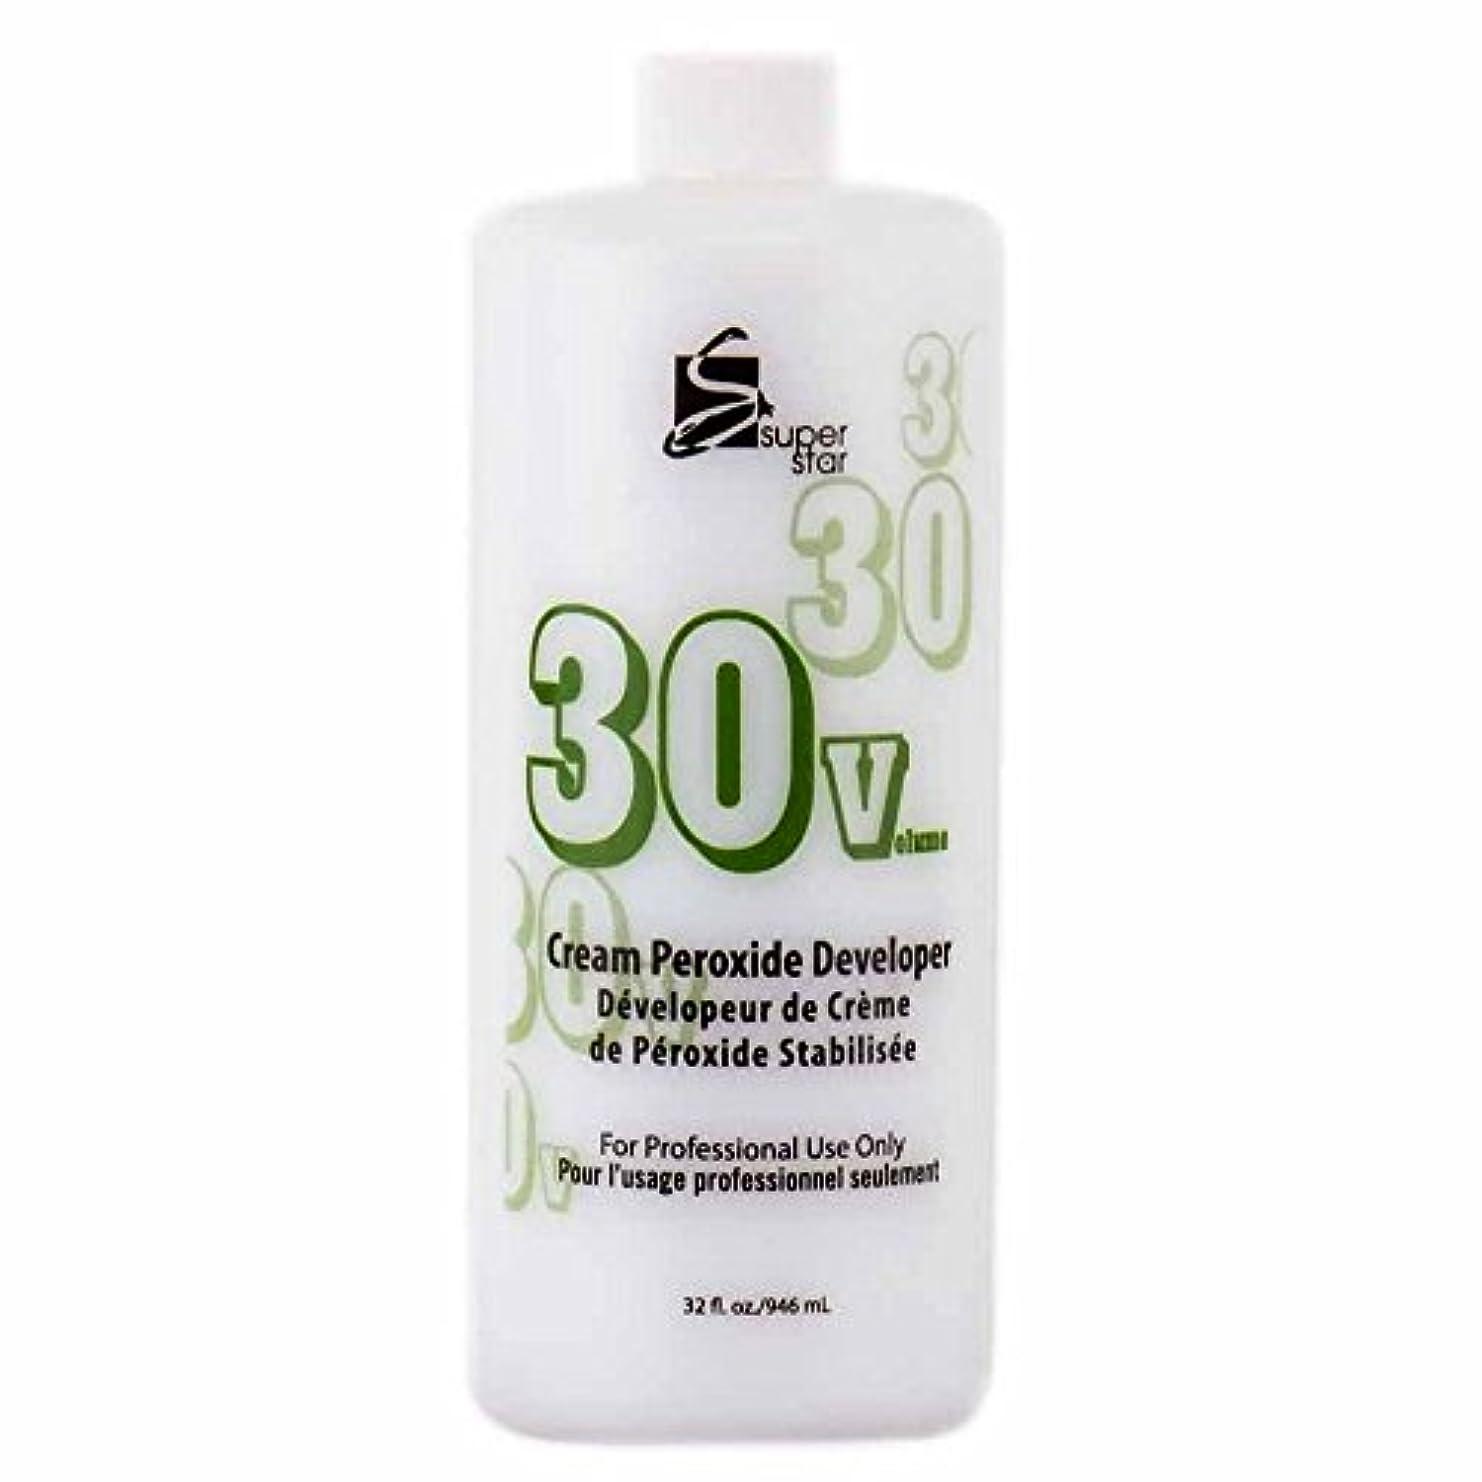 コンピューター膨らませる復讐SUPER STAR Stabilized Cream Peroxide Developer 30V HC-50303 by Superstar